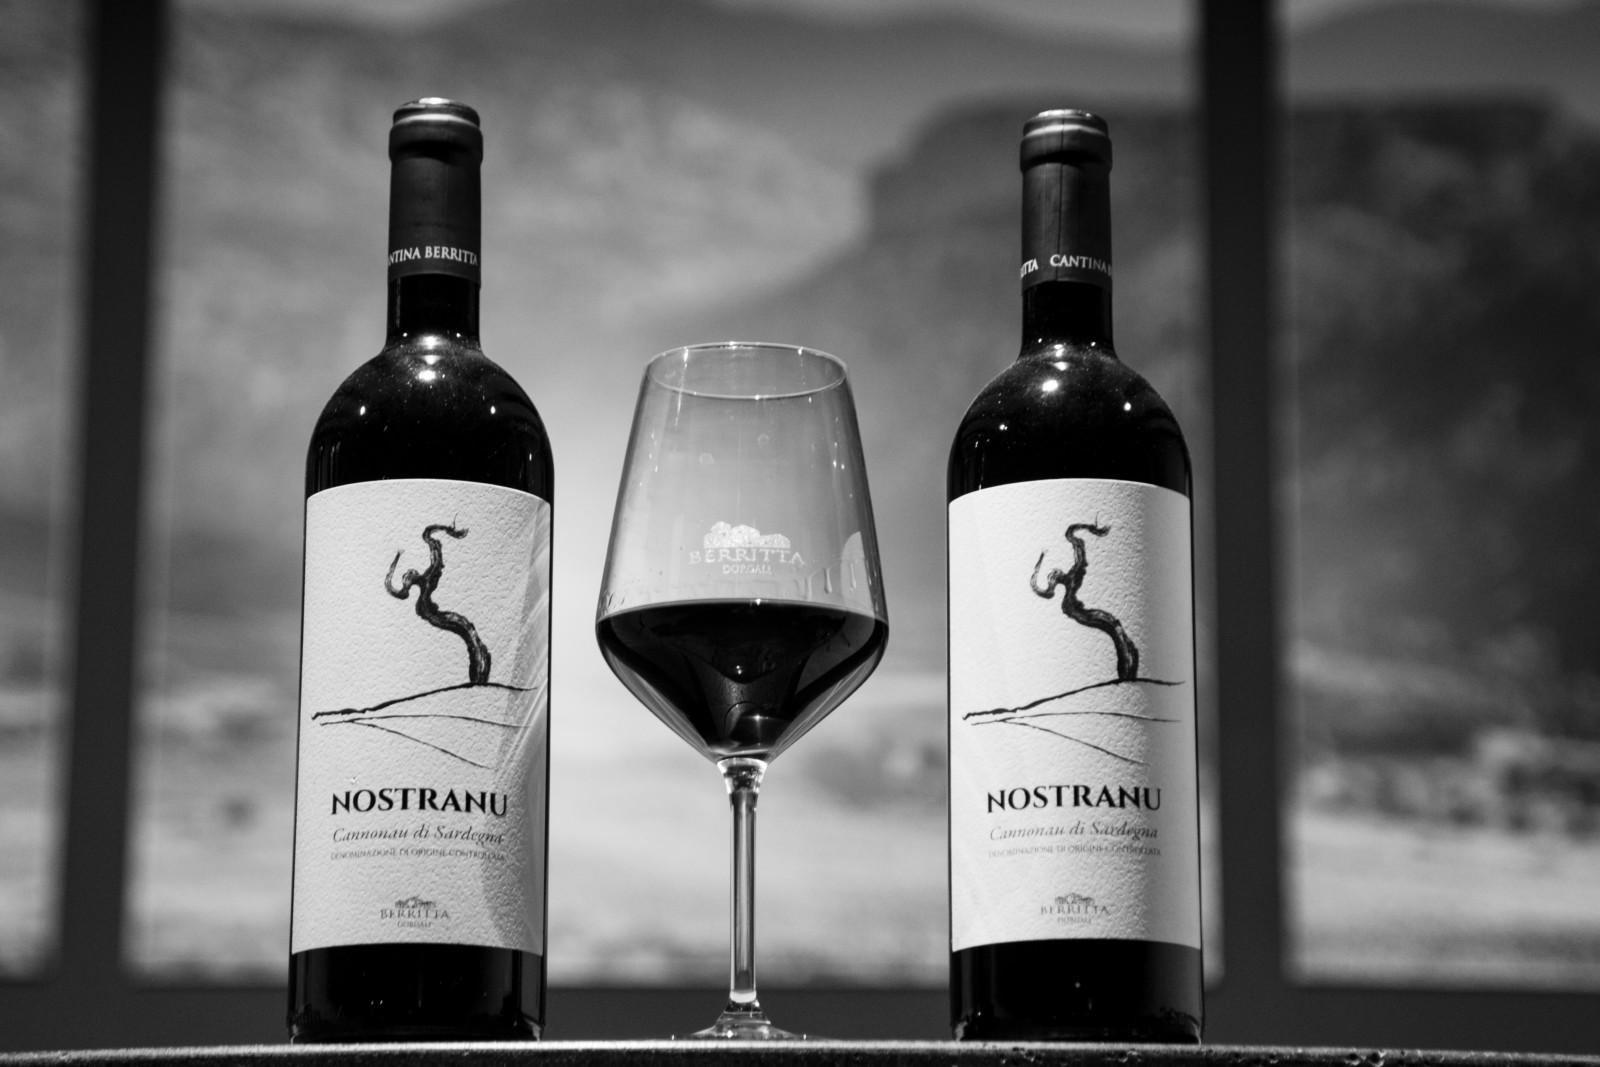 Auguri a tutti: e bevete buon vino!